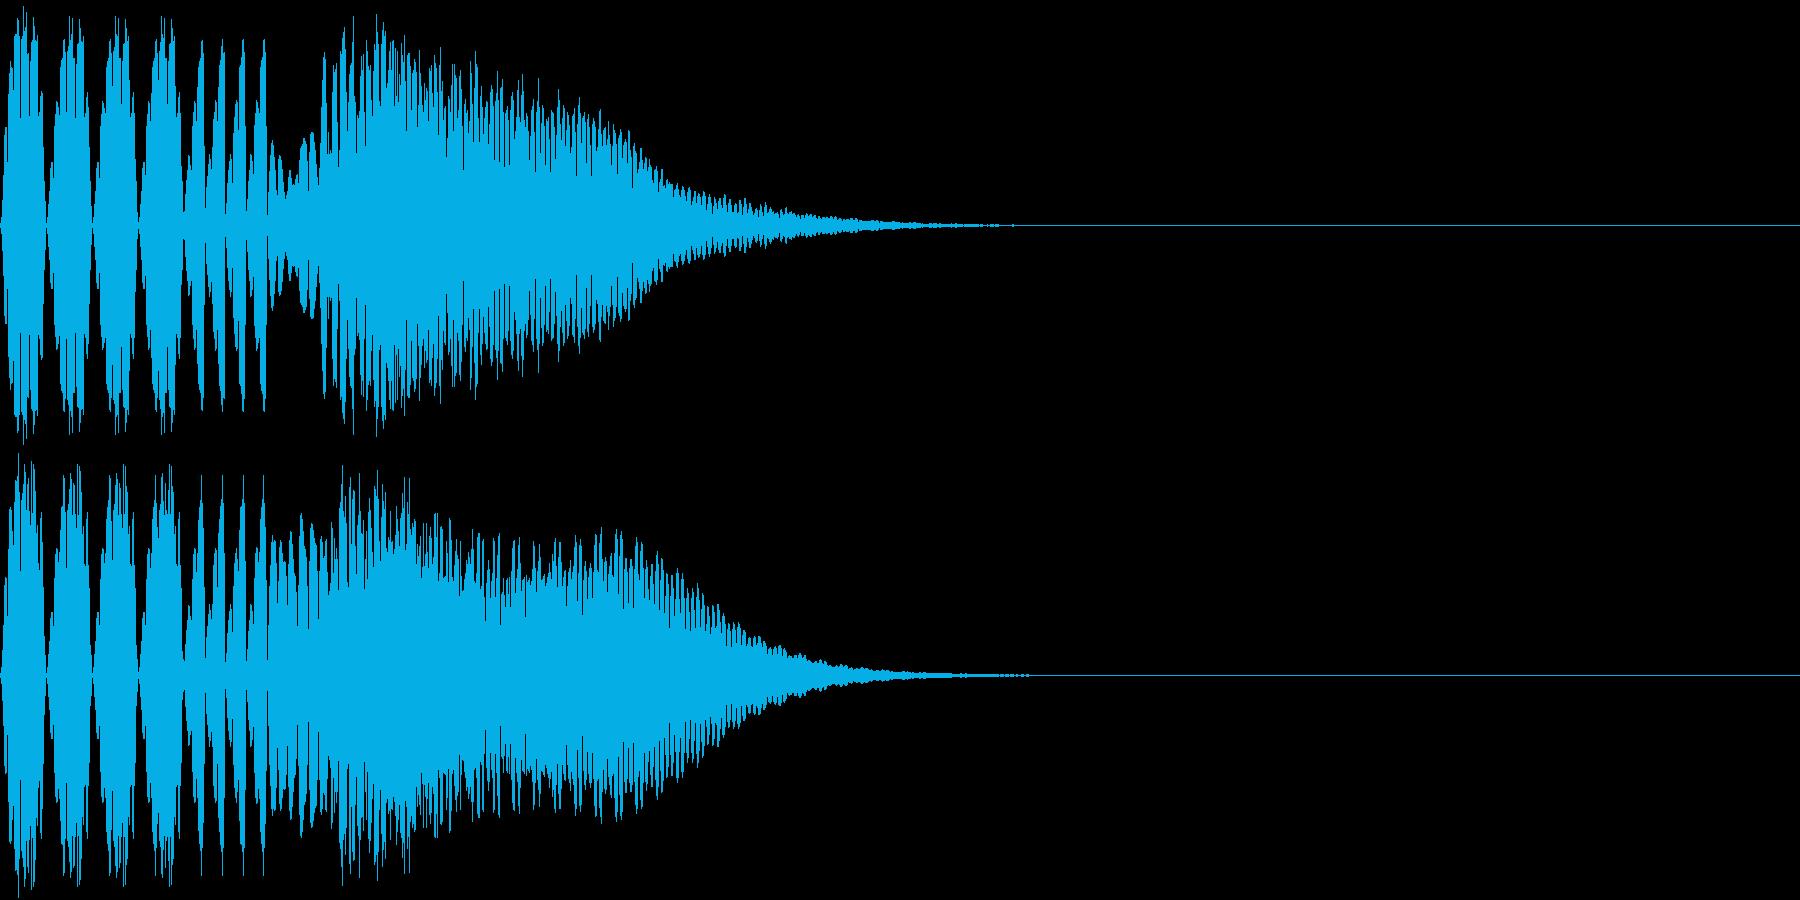 キュイン 強い 熱い 激アツ ピュインの再生済みの波形